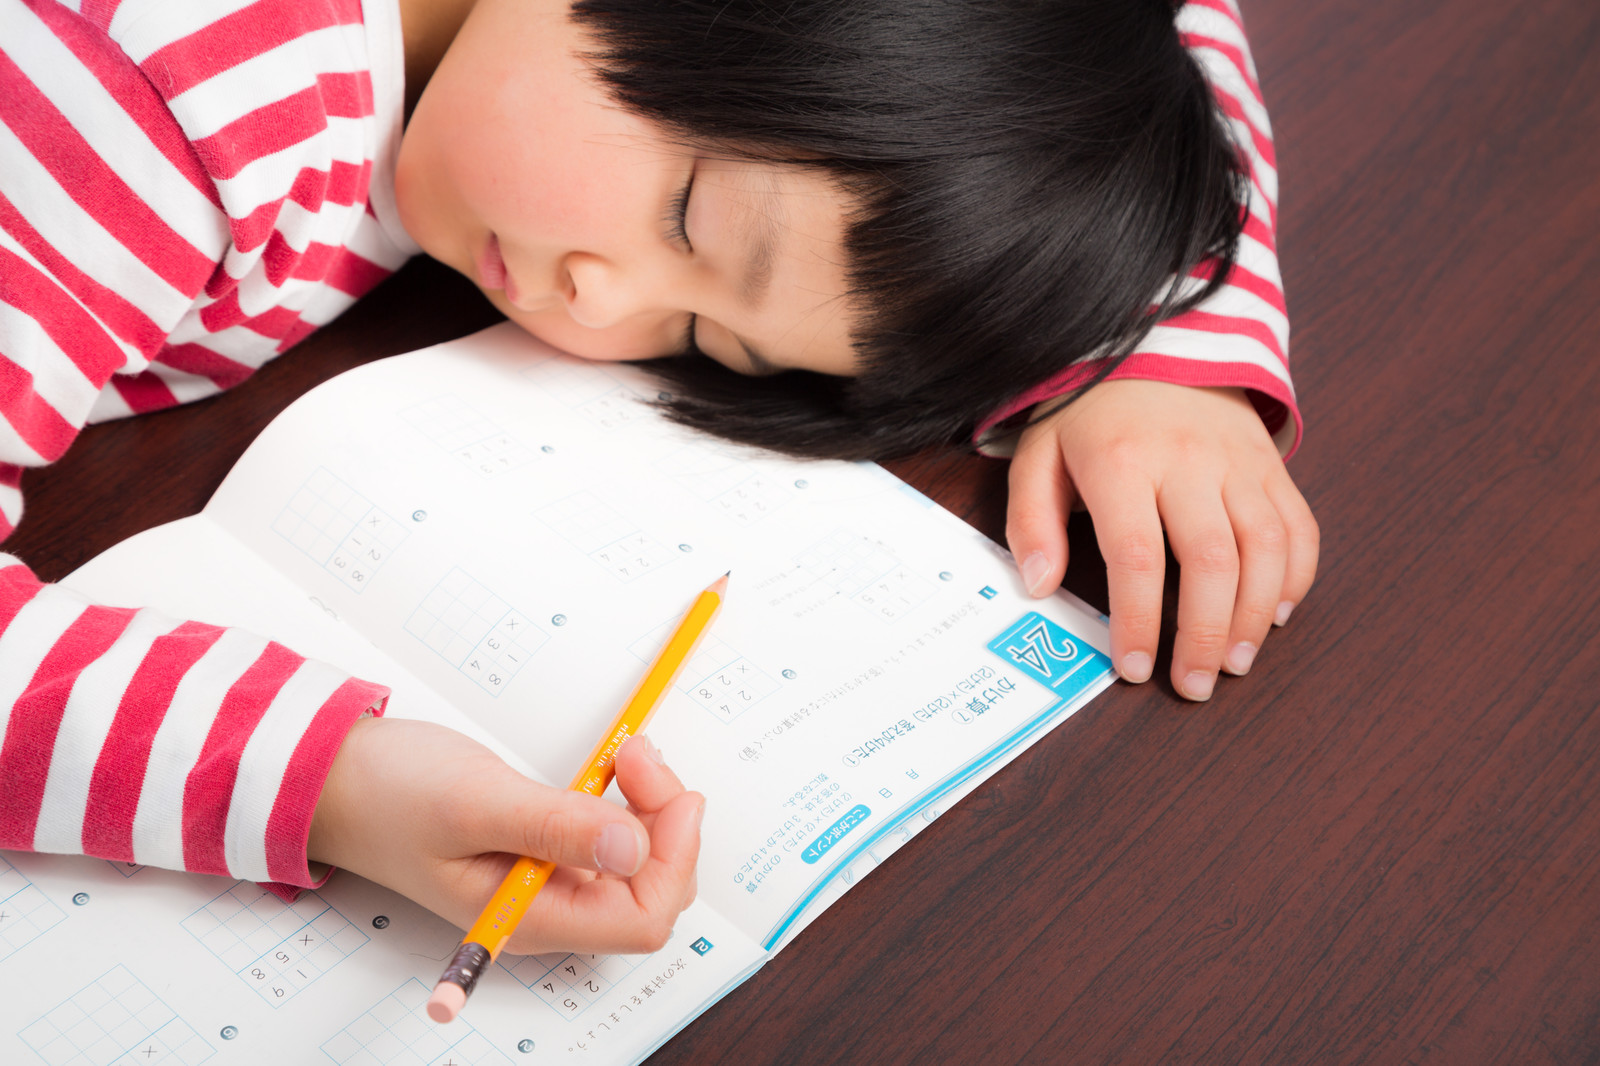 夏休みの宿題のやり方で子供が成功するかどうかわかる…積み重ねの大事さだけは教えたい